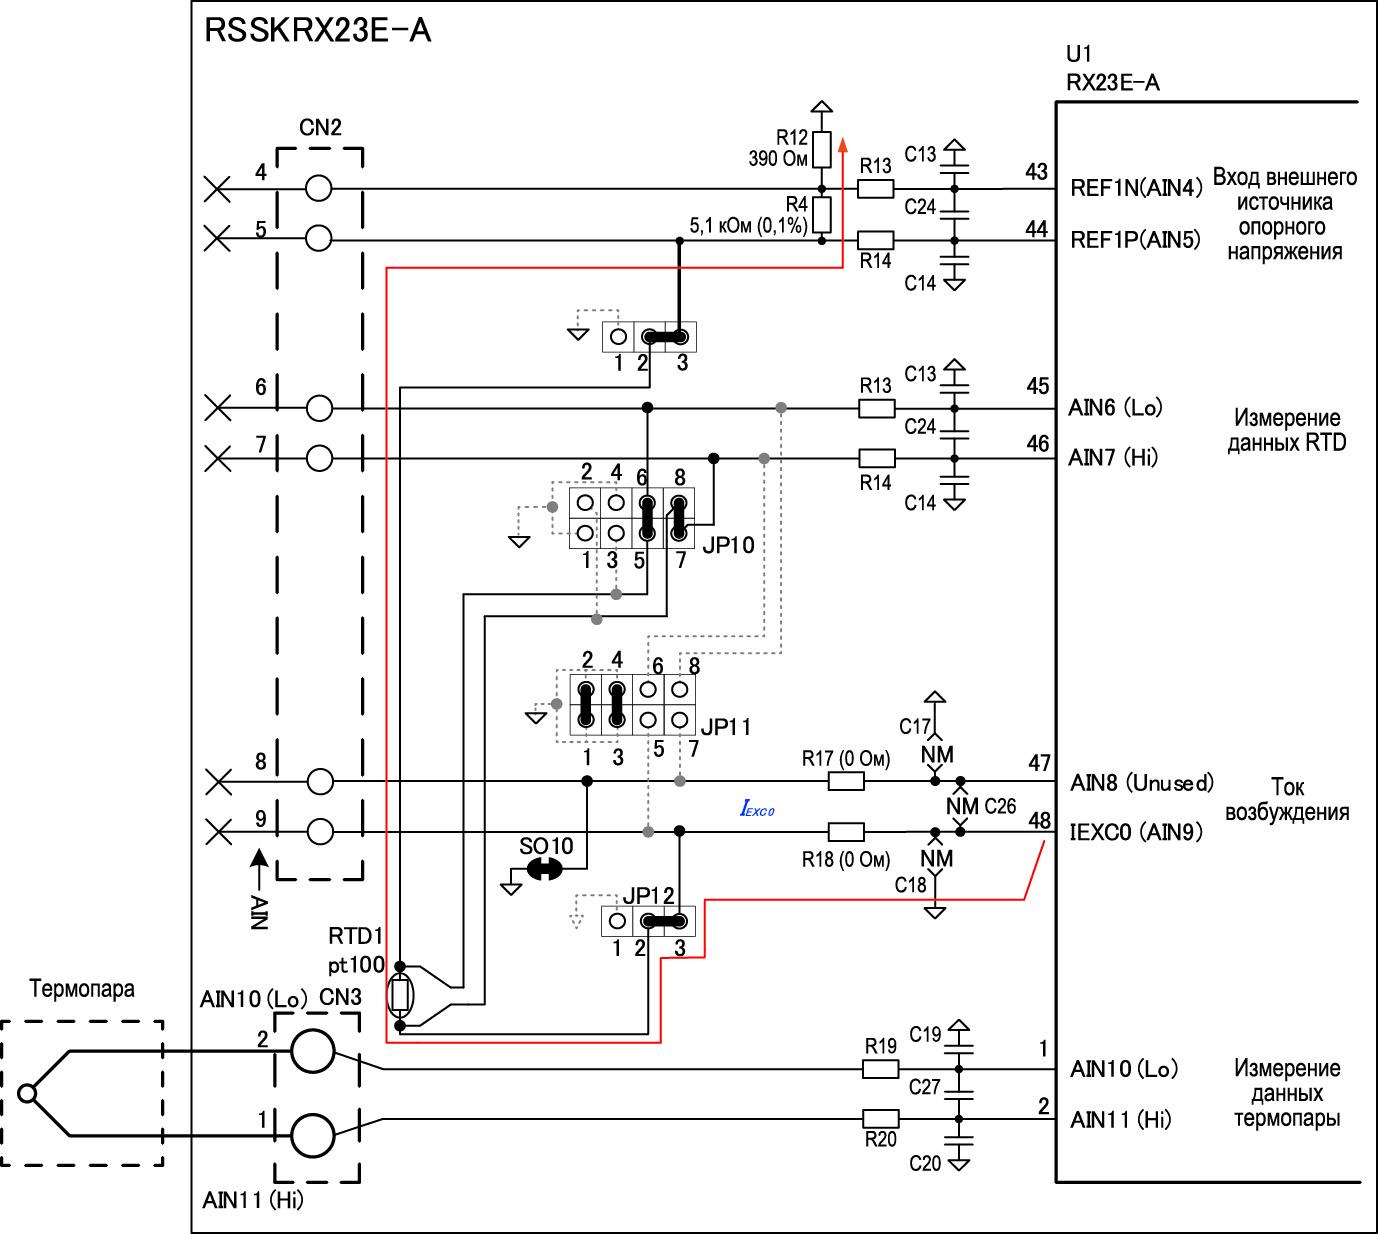 Схема подключения термопары к отладочной плате